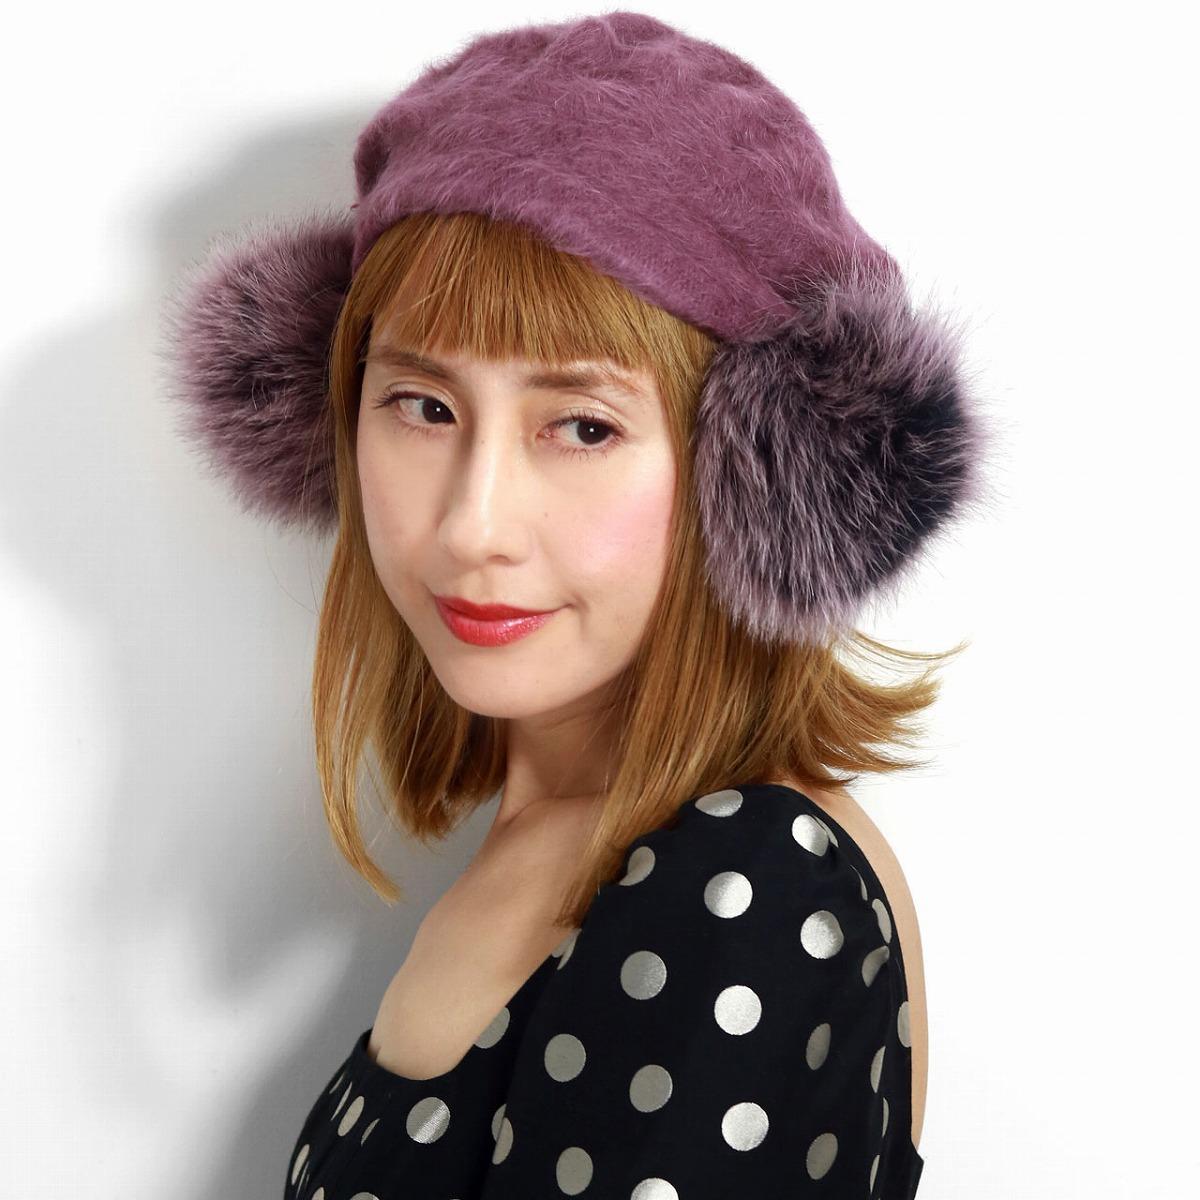 【バラ色の帽子】暖かくてふわふわなポンポン付きベレー帽 リアルファー 秋冬 帽子 レディース ベレー帽 Barairo no Boushi アンゴラ バラ色の帽子 ダブルポンポン アンゴラベレー あったかい 無地 ファー 可愛い ファーベレー パープル あずき [ beret ][ fur hat ]